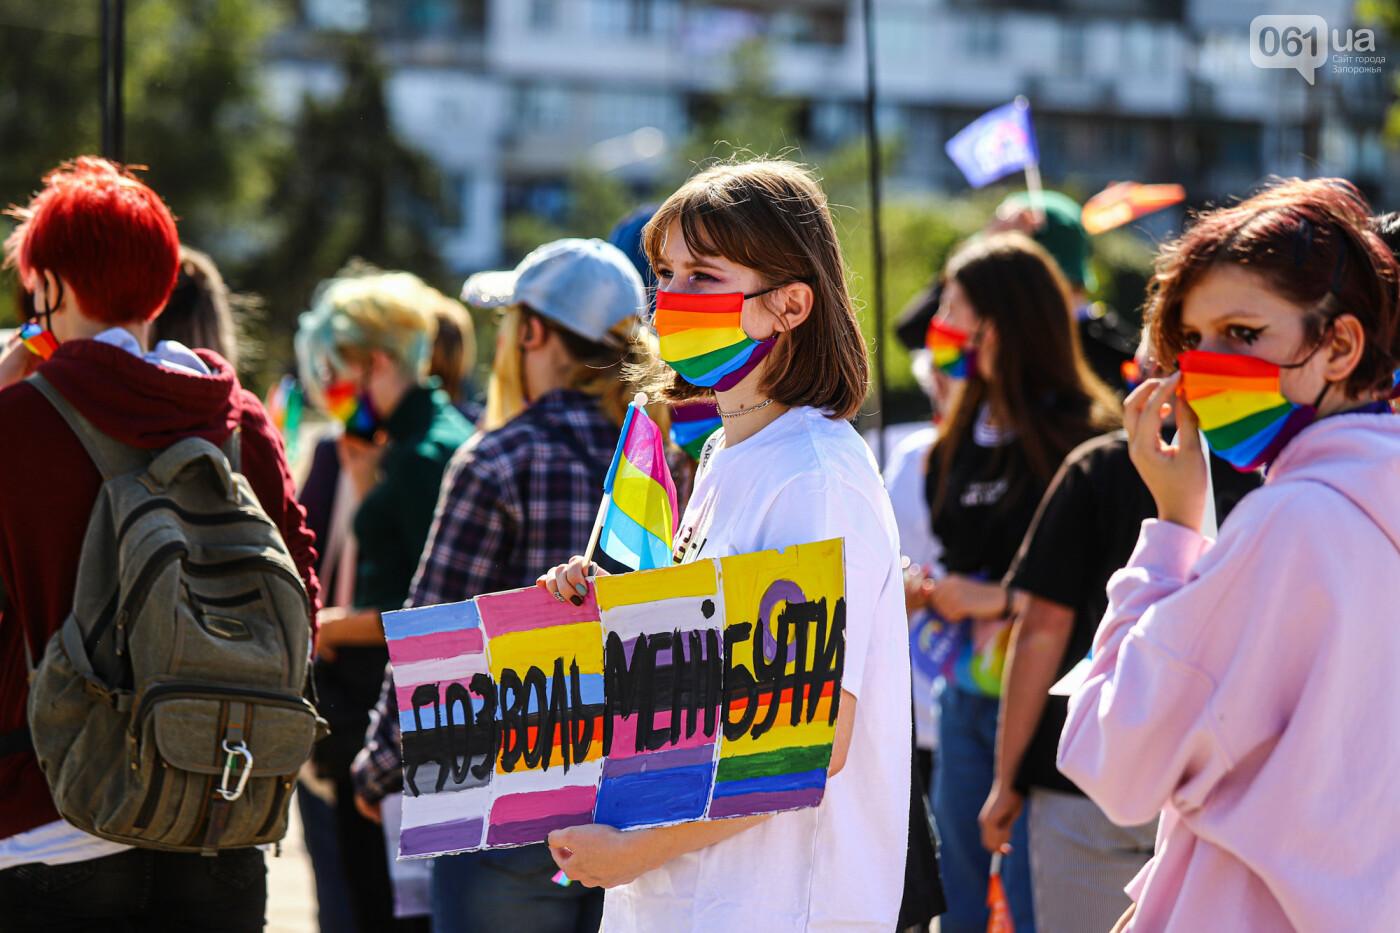 ЛГБТ-прайд, эко-митинг и восстановленные скульптуры в сквере Пионеров: сентябрь в фотографиях , фото-100